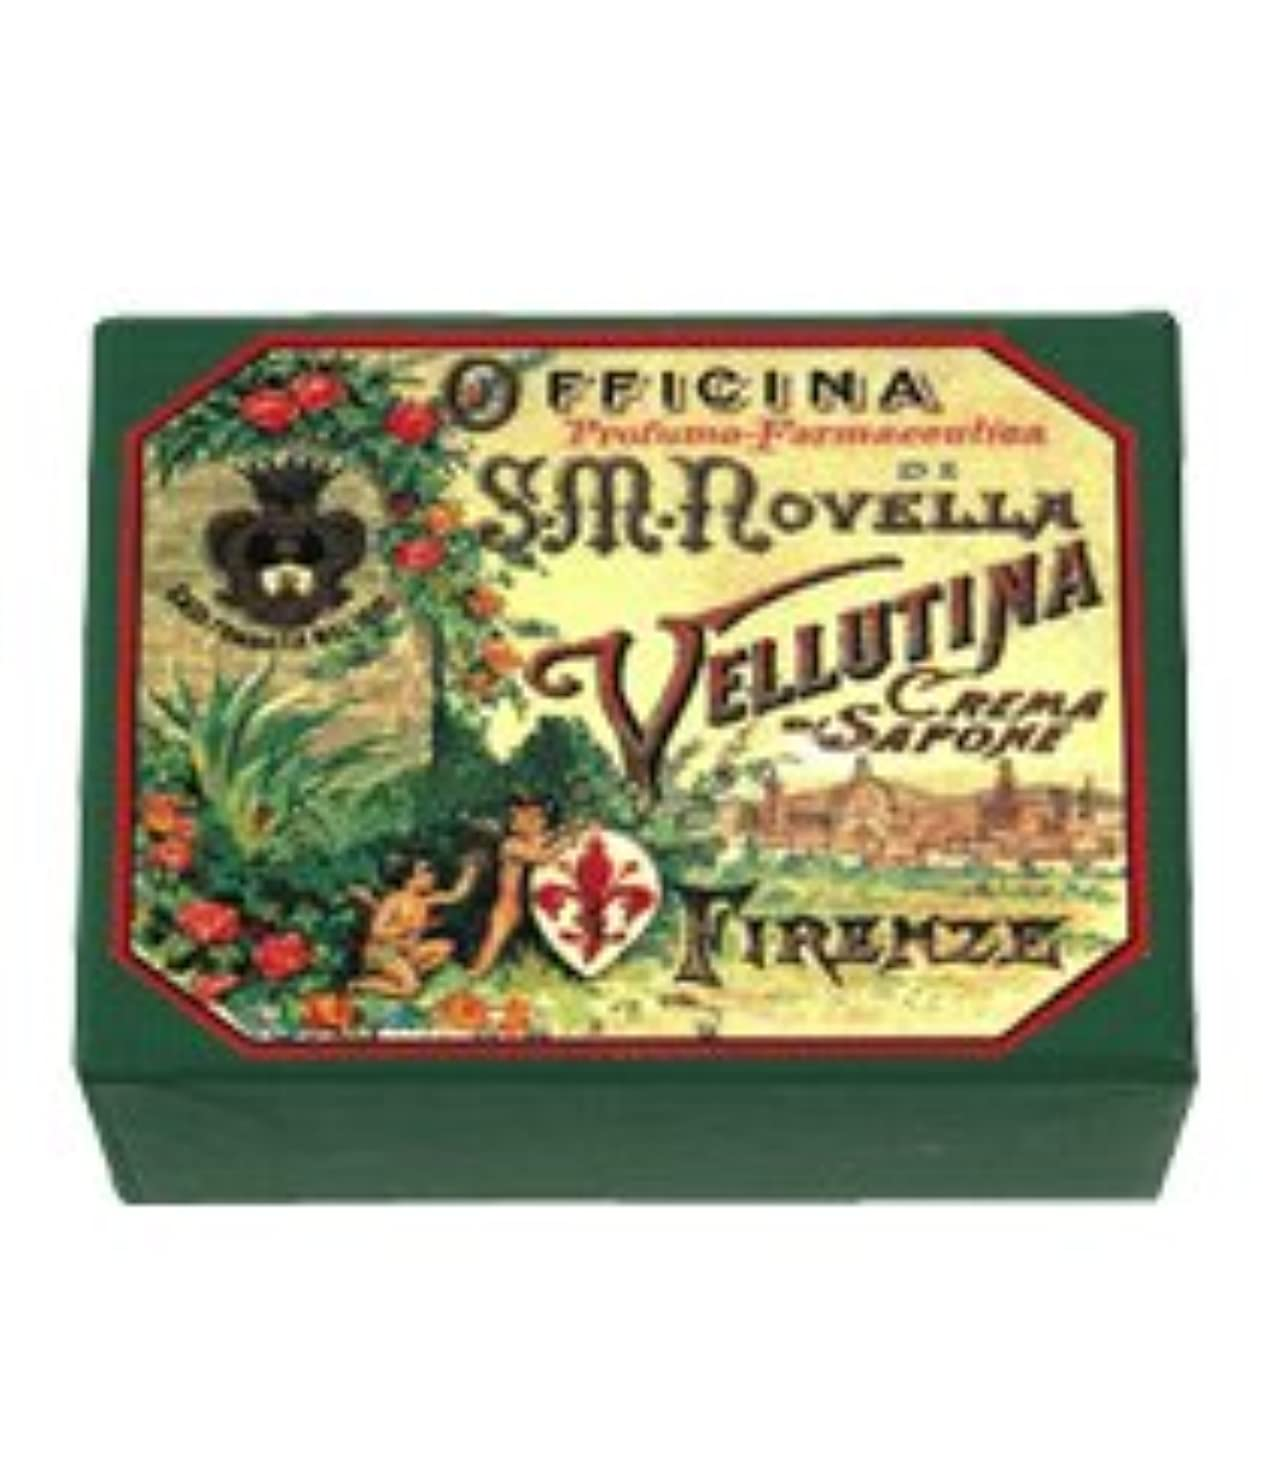 悩む履歴書新しさ【Santa Maria Novella(サンタマリアノヴェッラ )】ヴェルティーナソープ 150g Vellutina Crema di Sapone